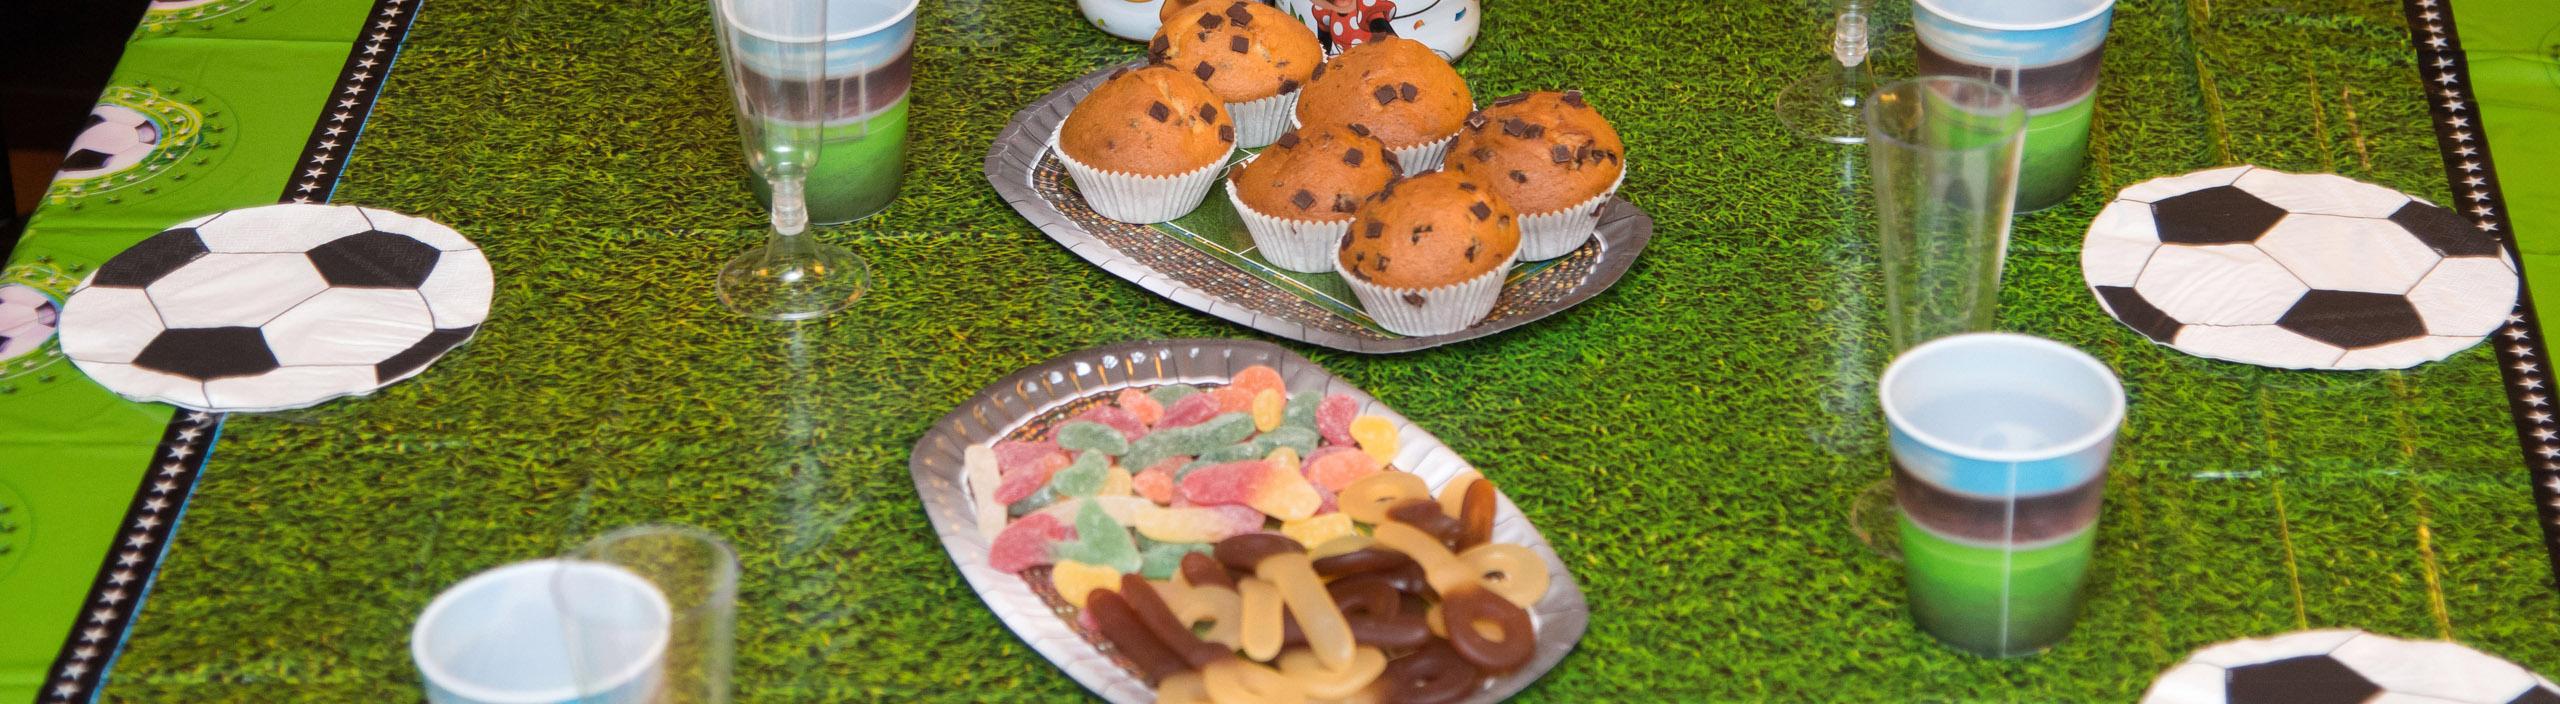 Ernährung im Kinderfußball: Zwischen Obst und Schokolade